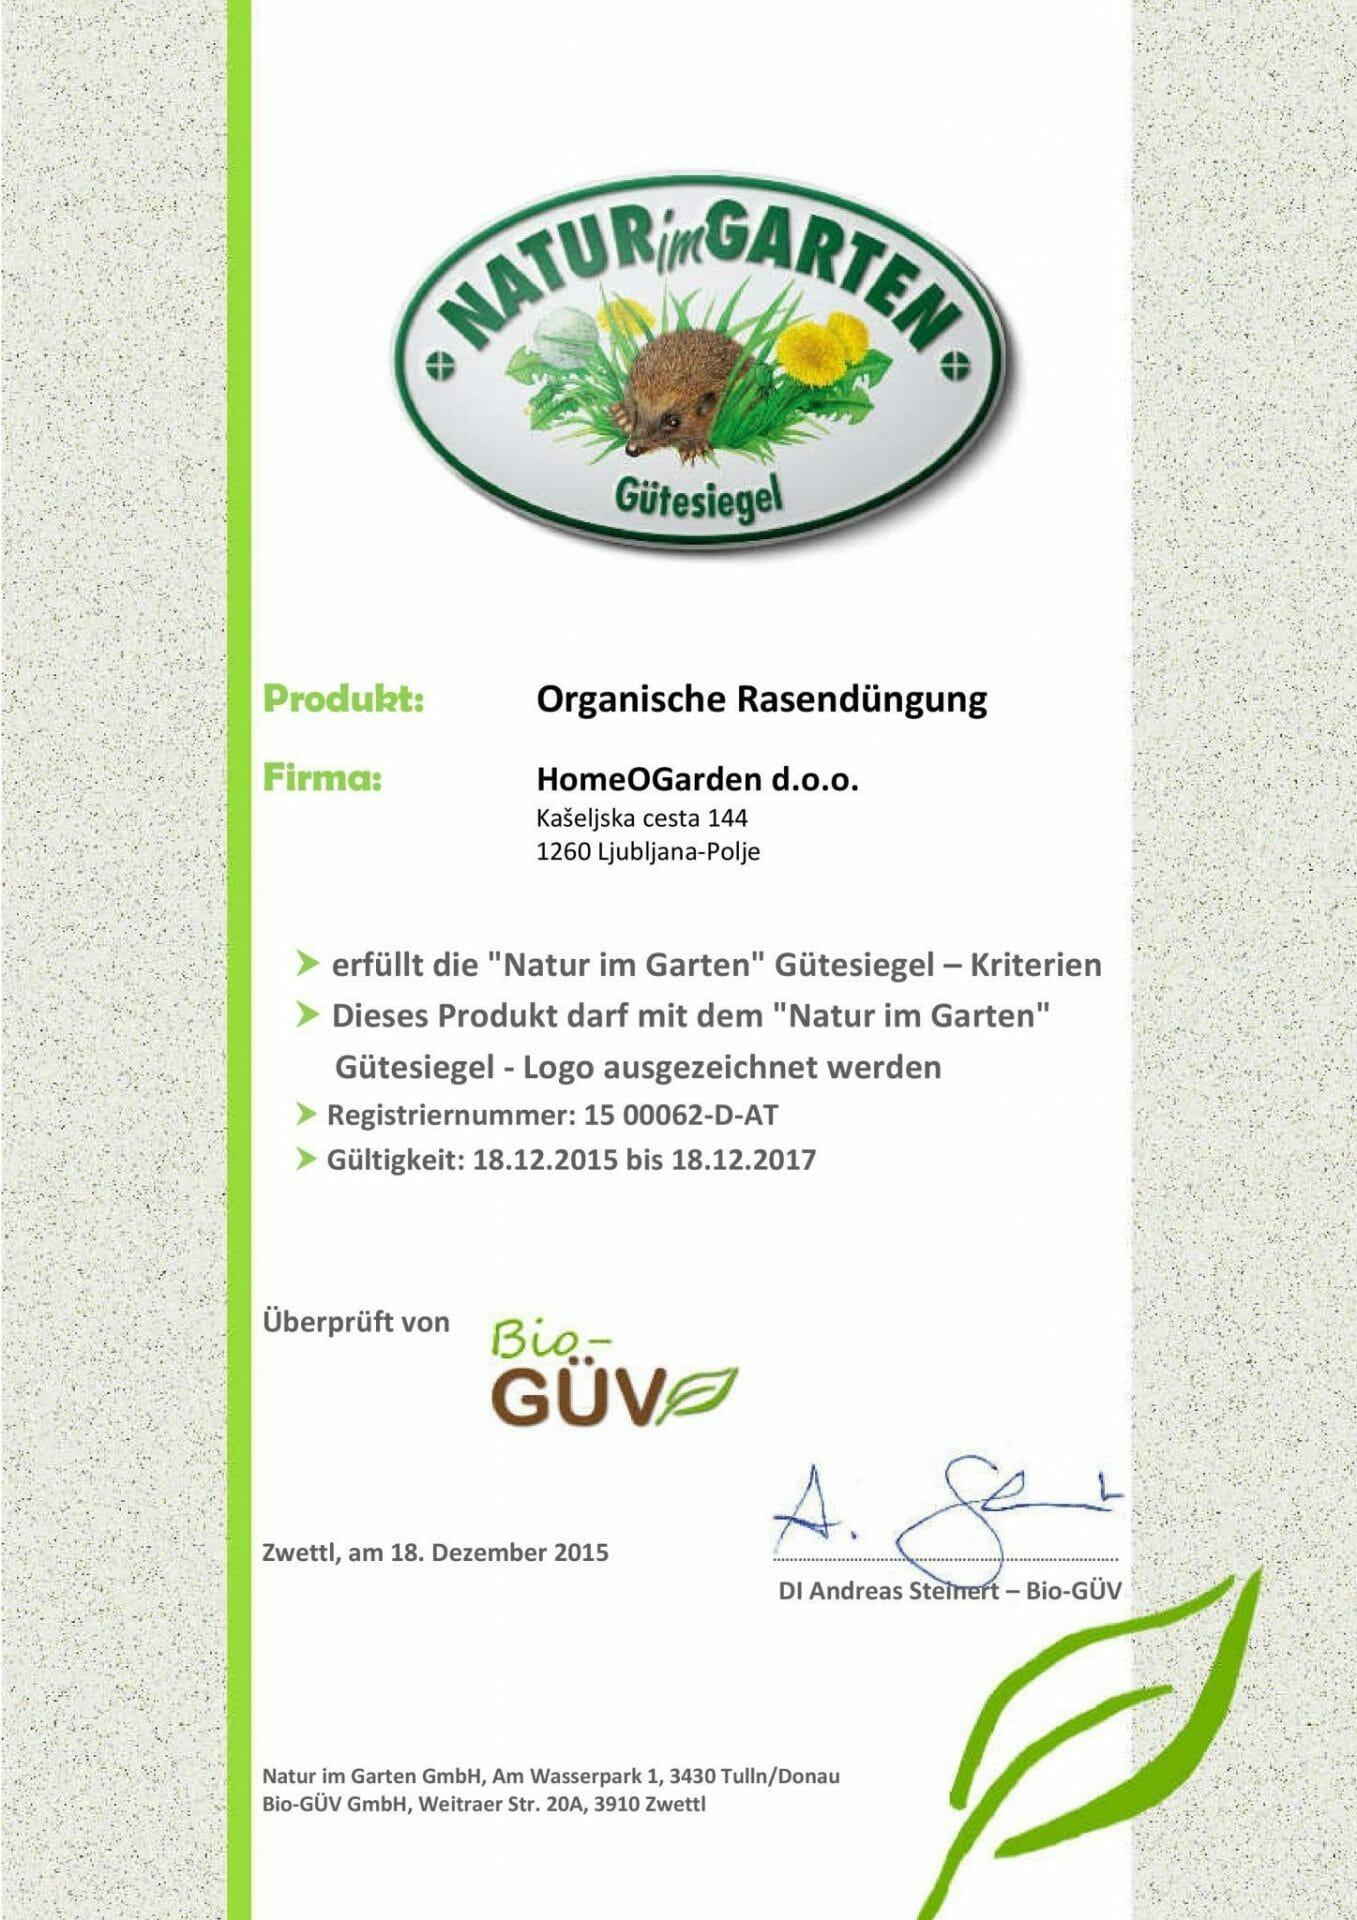 62. HomeOGarden, Organische Rasendüngung-page-001